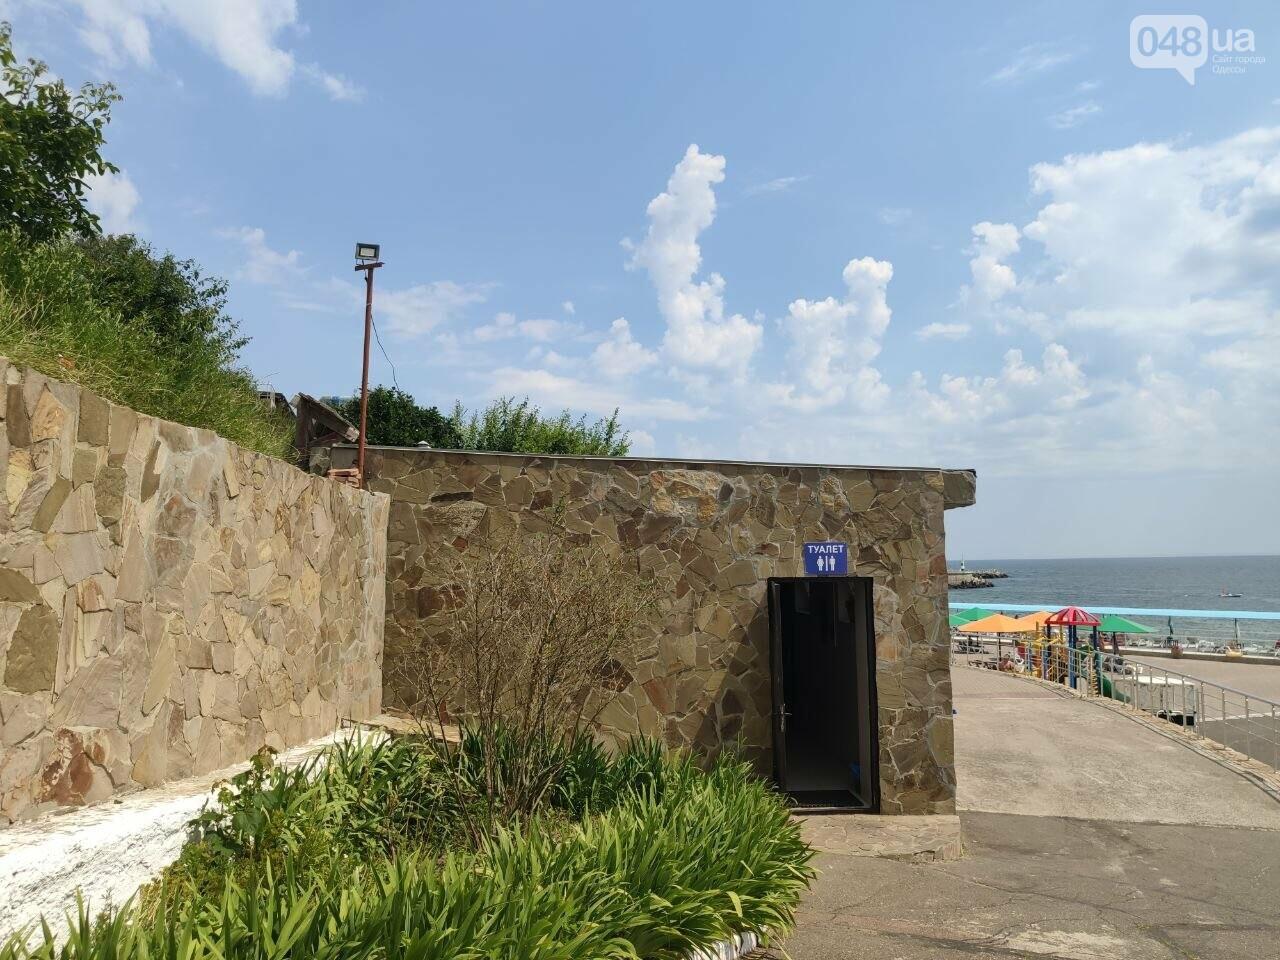 Пляж на Совиньоне под Одессой: что находится на закрытой территории и как туда попасть, - ФОТО, фото-9